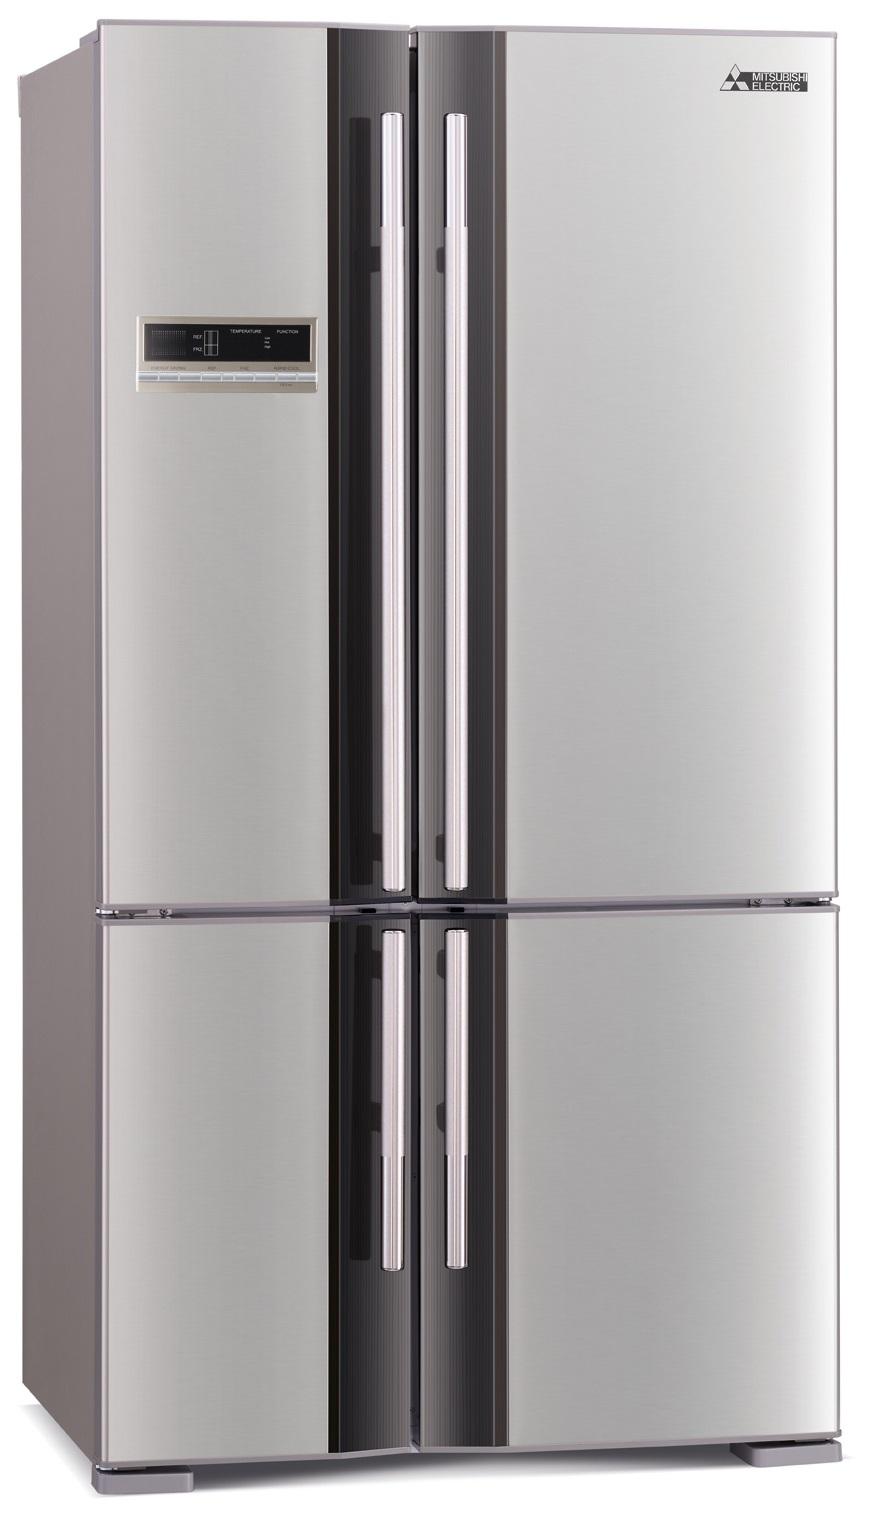 холодильник дешево купить москва